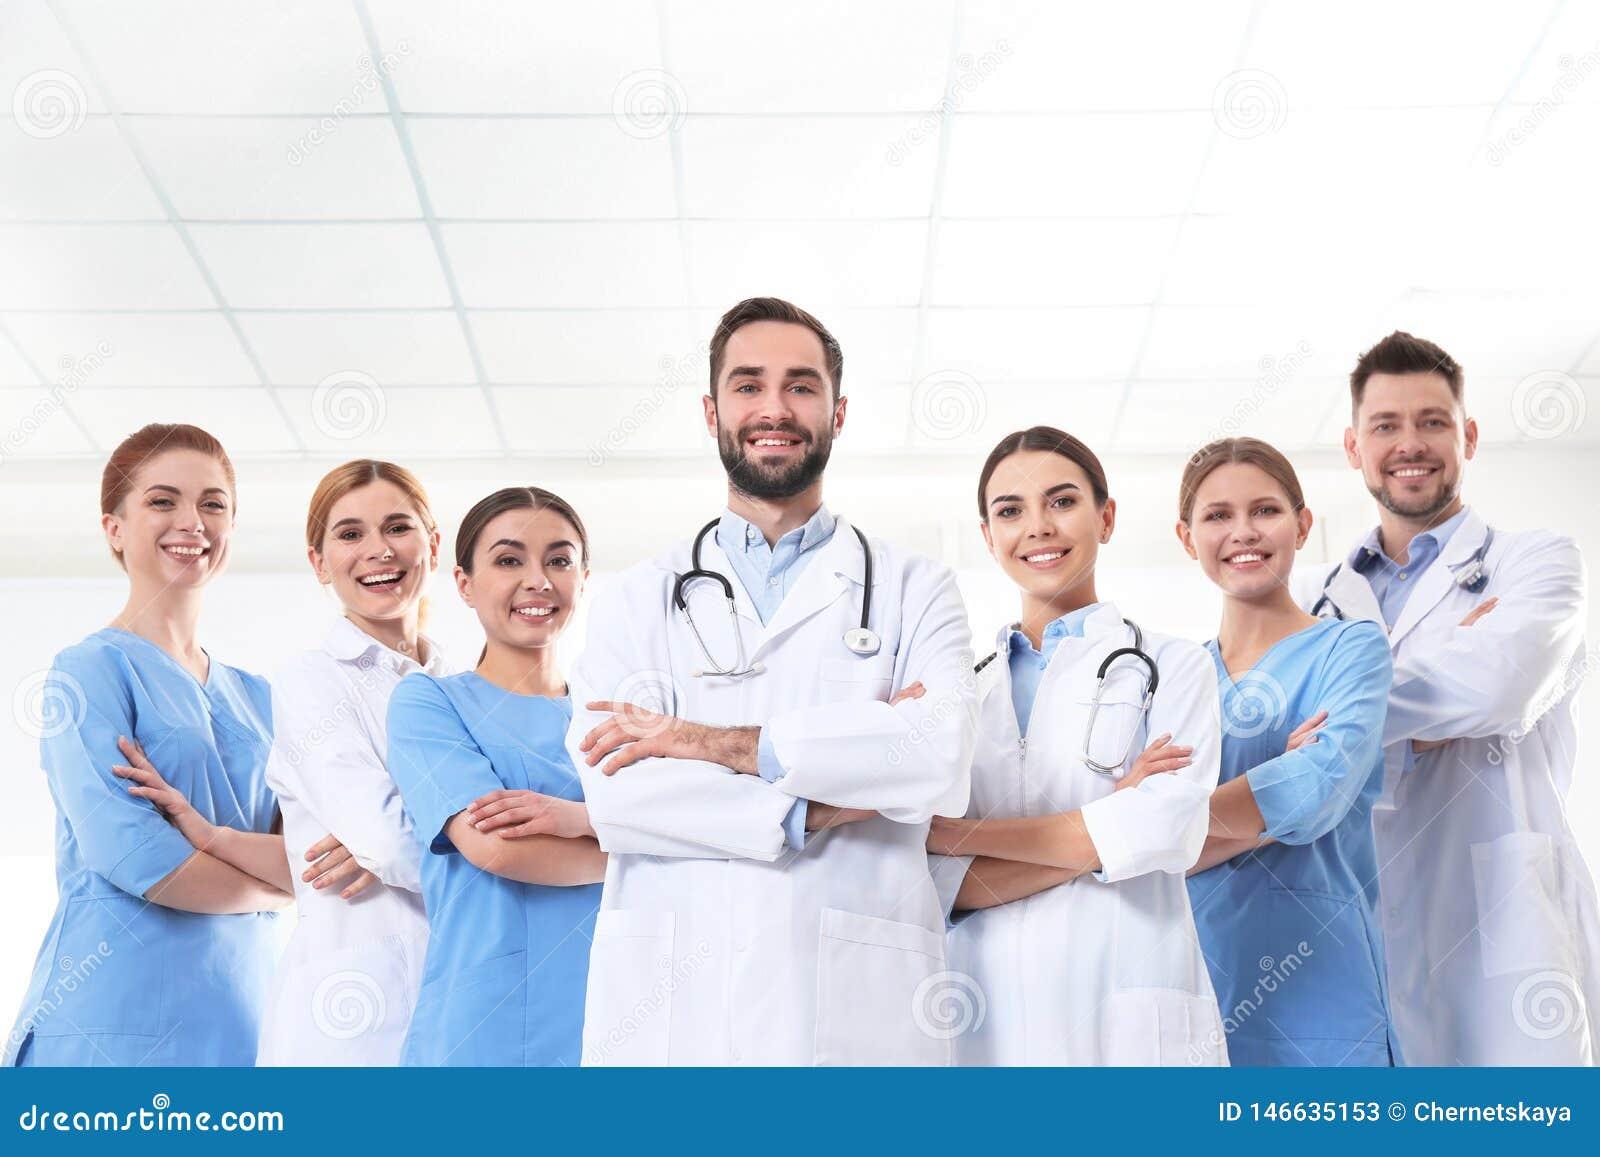 小组诊所的医生